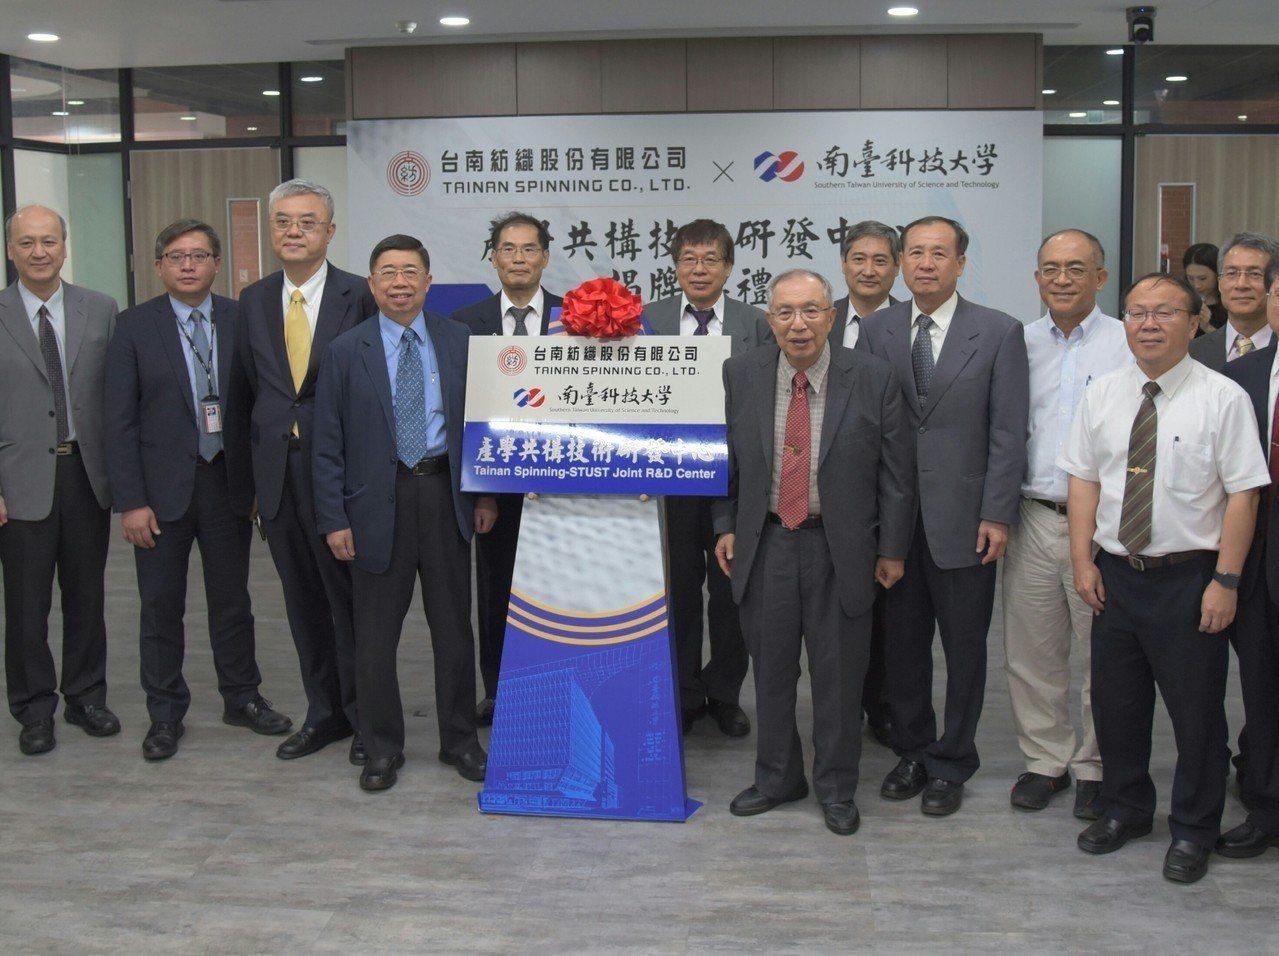 臺南紡織與南台科大成立產學共構技術研發中心,今天揭牌啟用。記者周宗禎/攝影